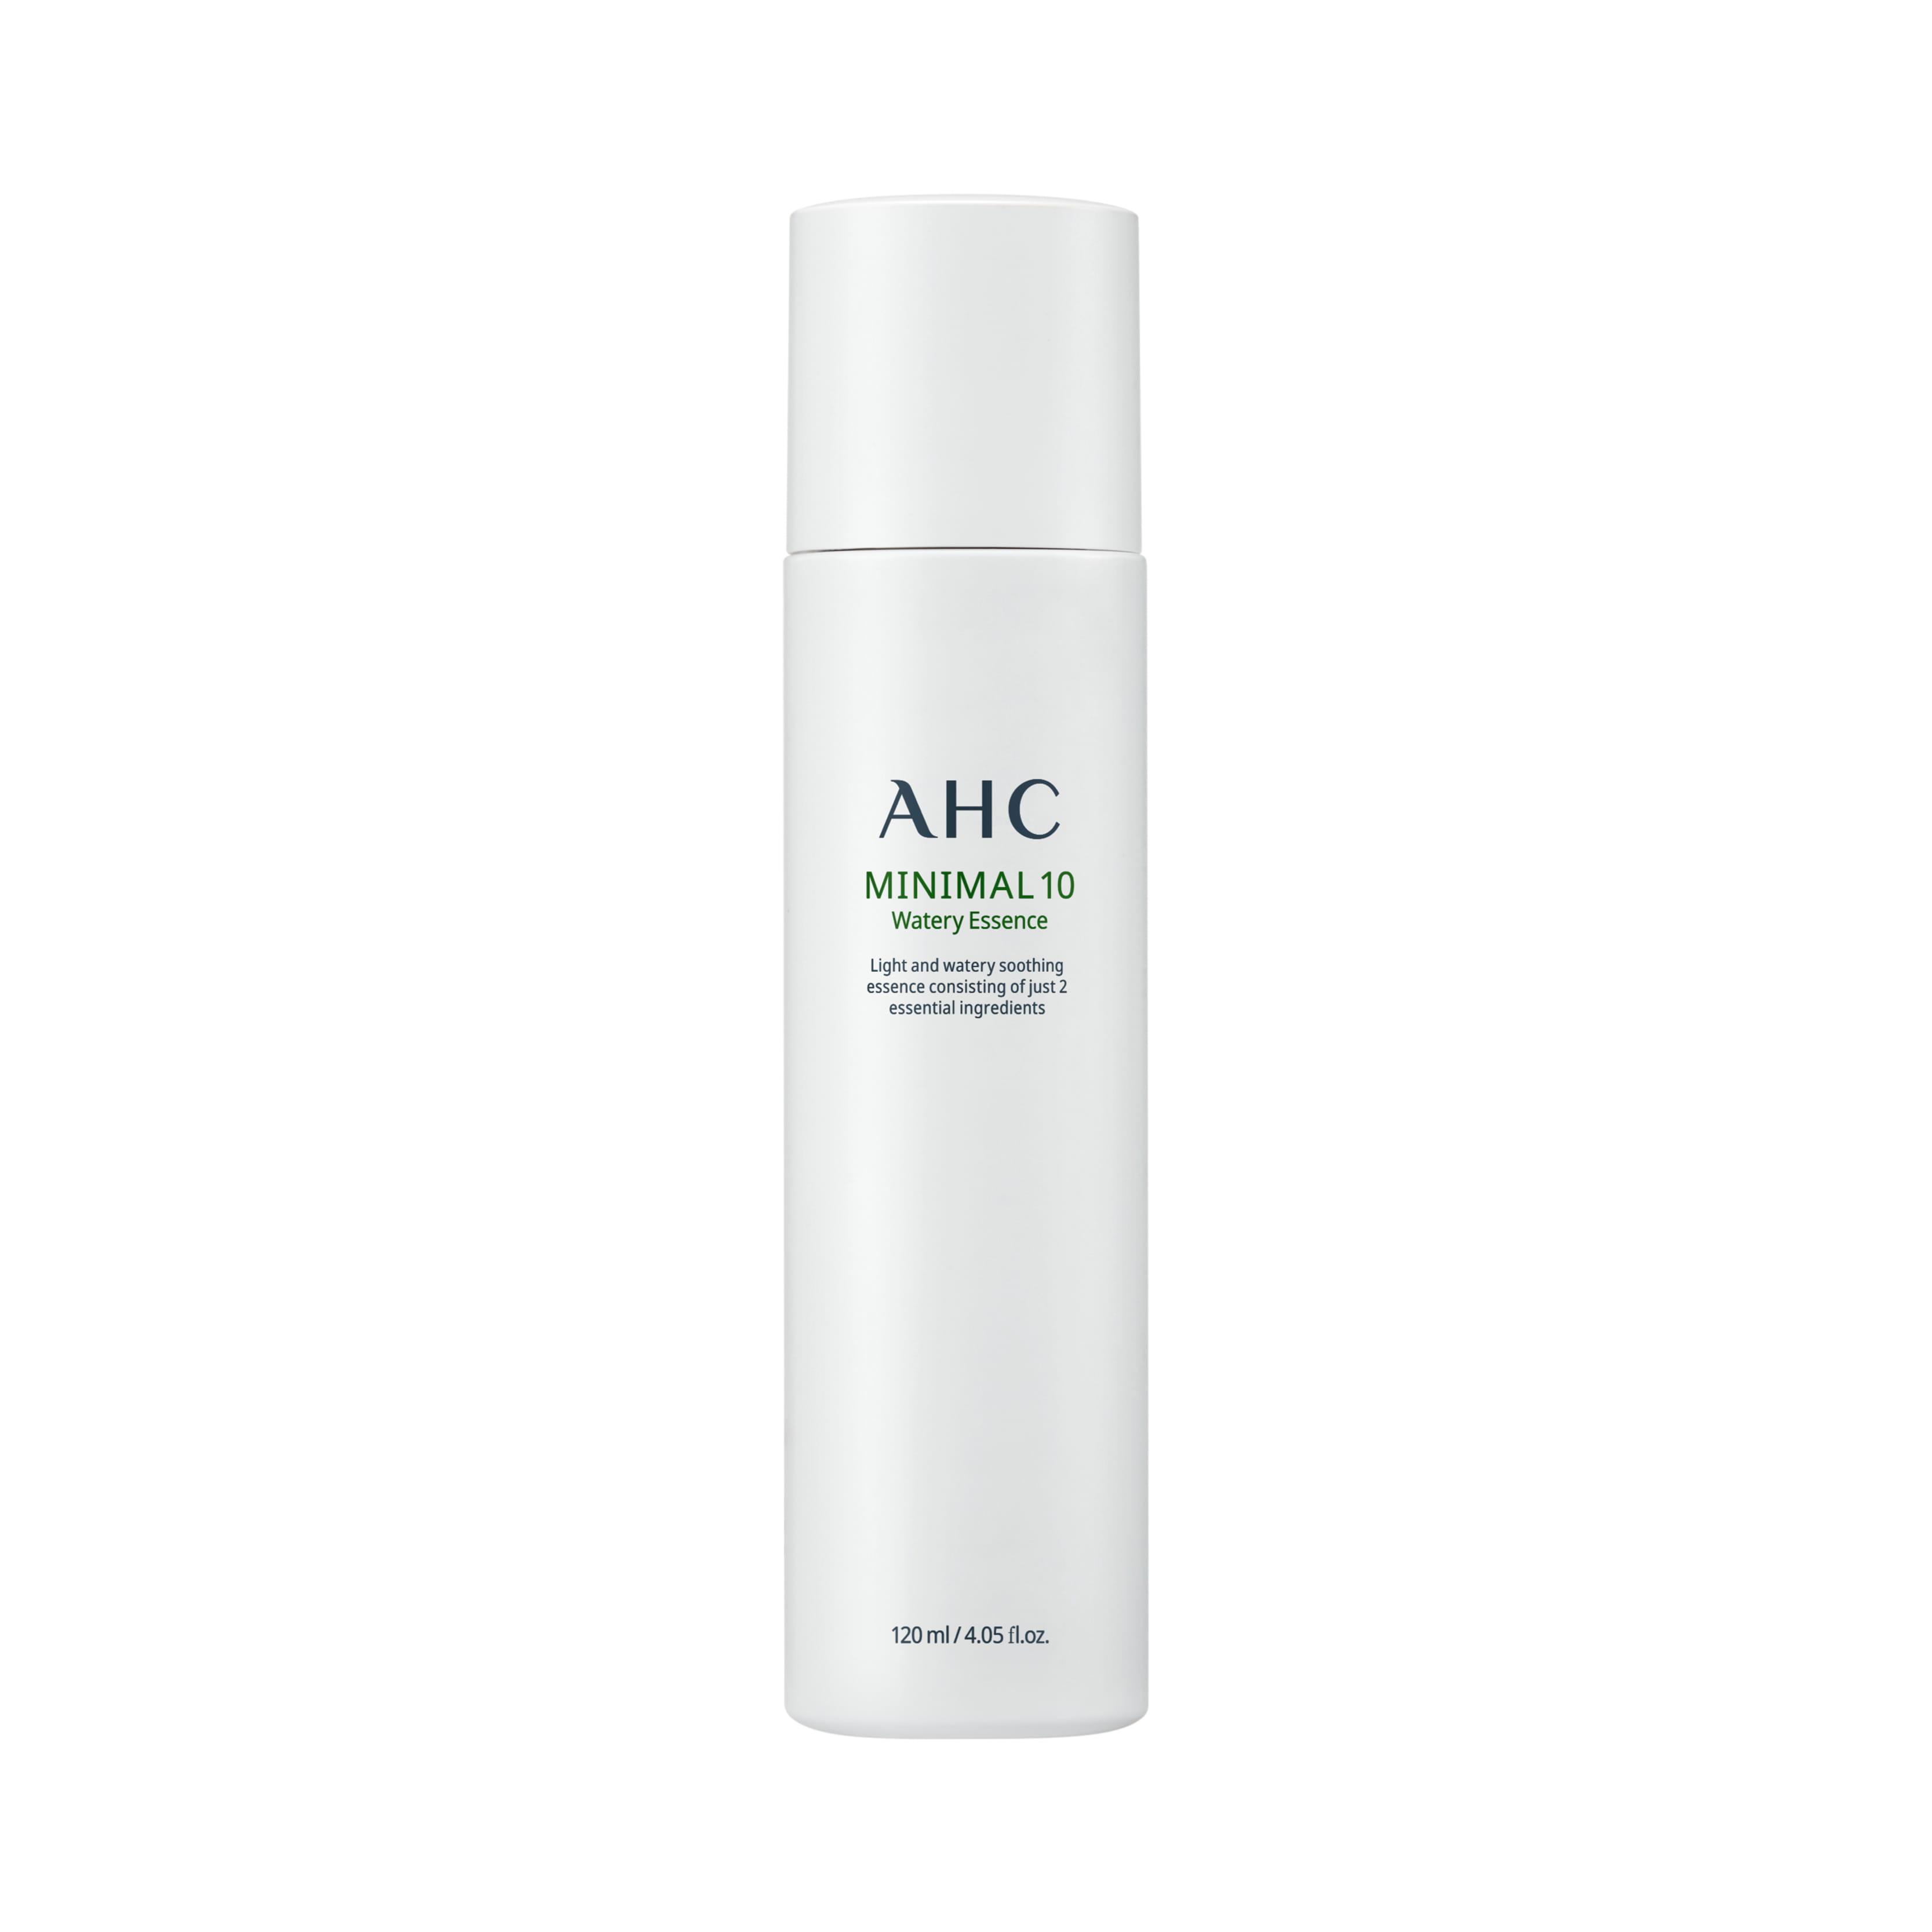 Nước Cân Bằng Dành Cho Da Nhạy Cảm AHC Minimal 10 Watery Essence